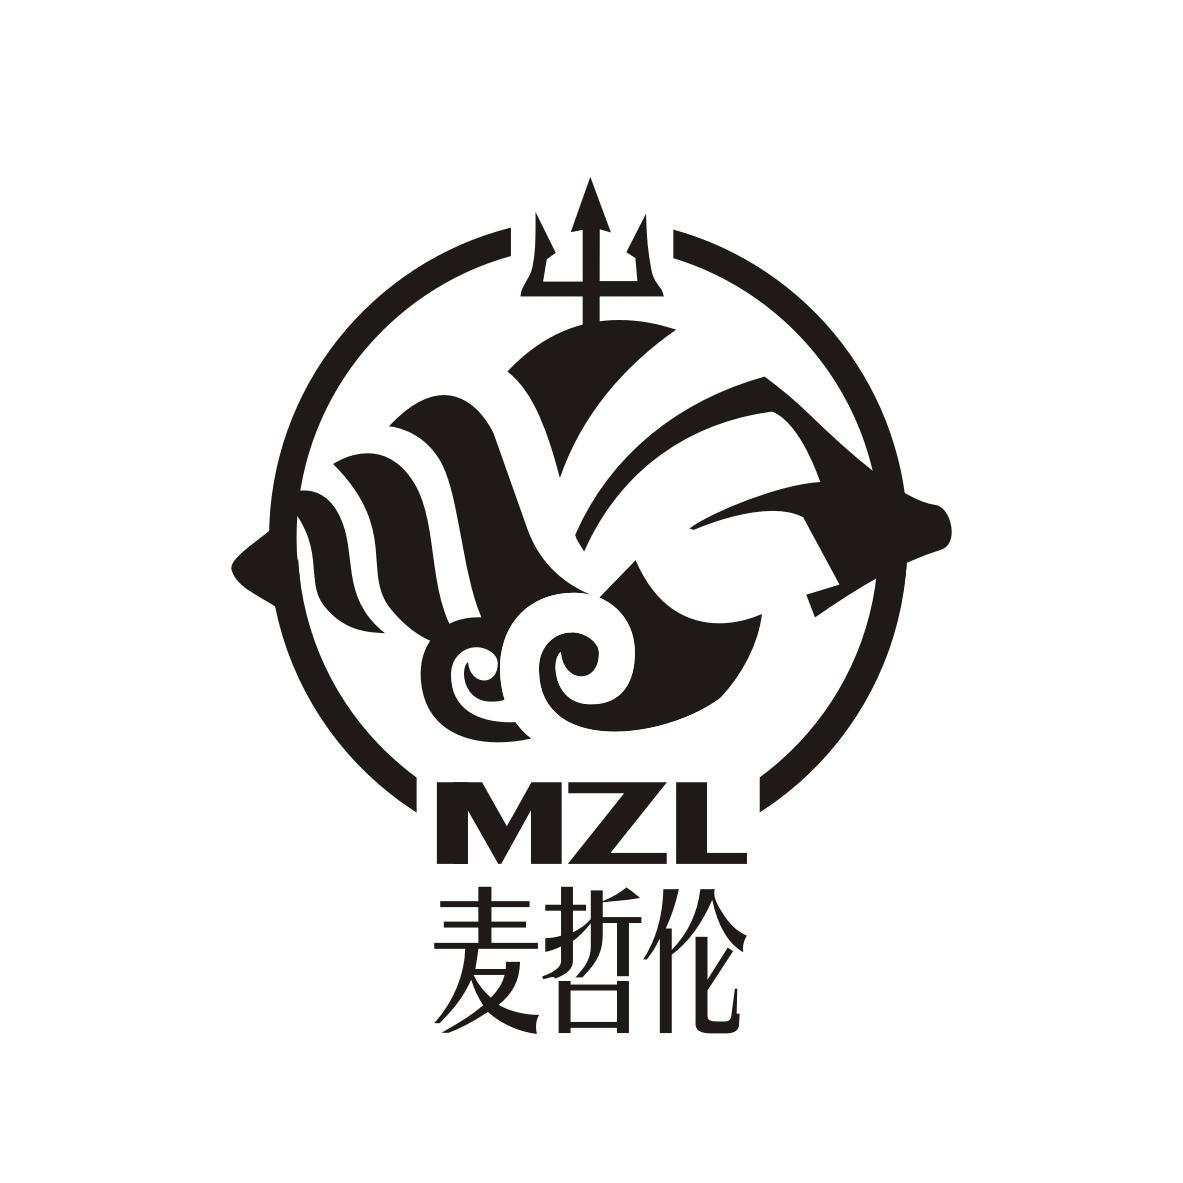 转让商标-麦哲伦  MZL